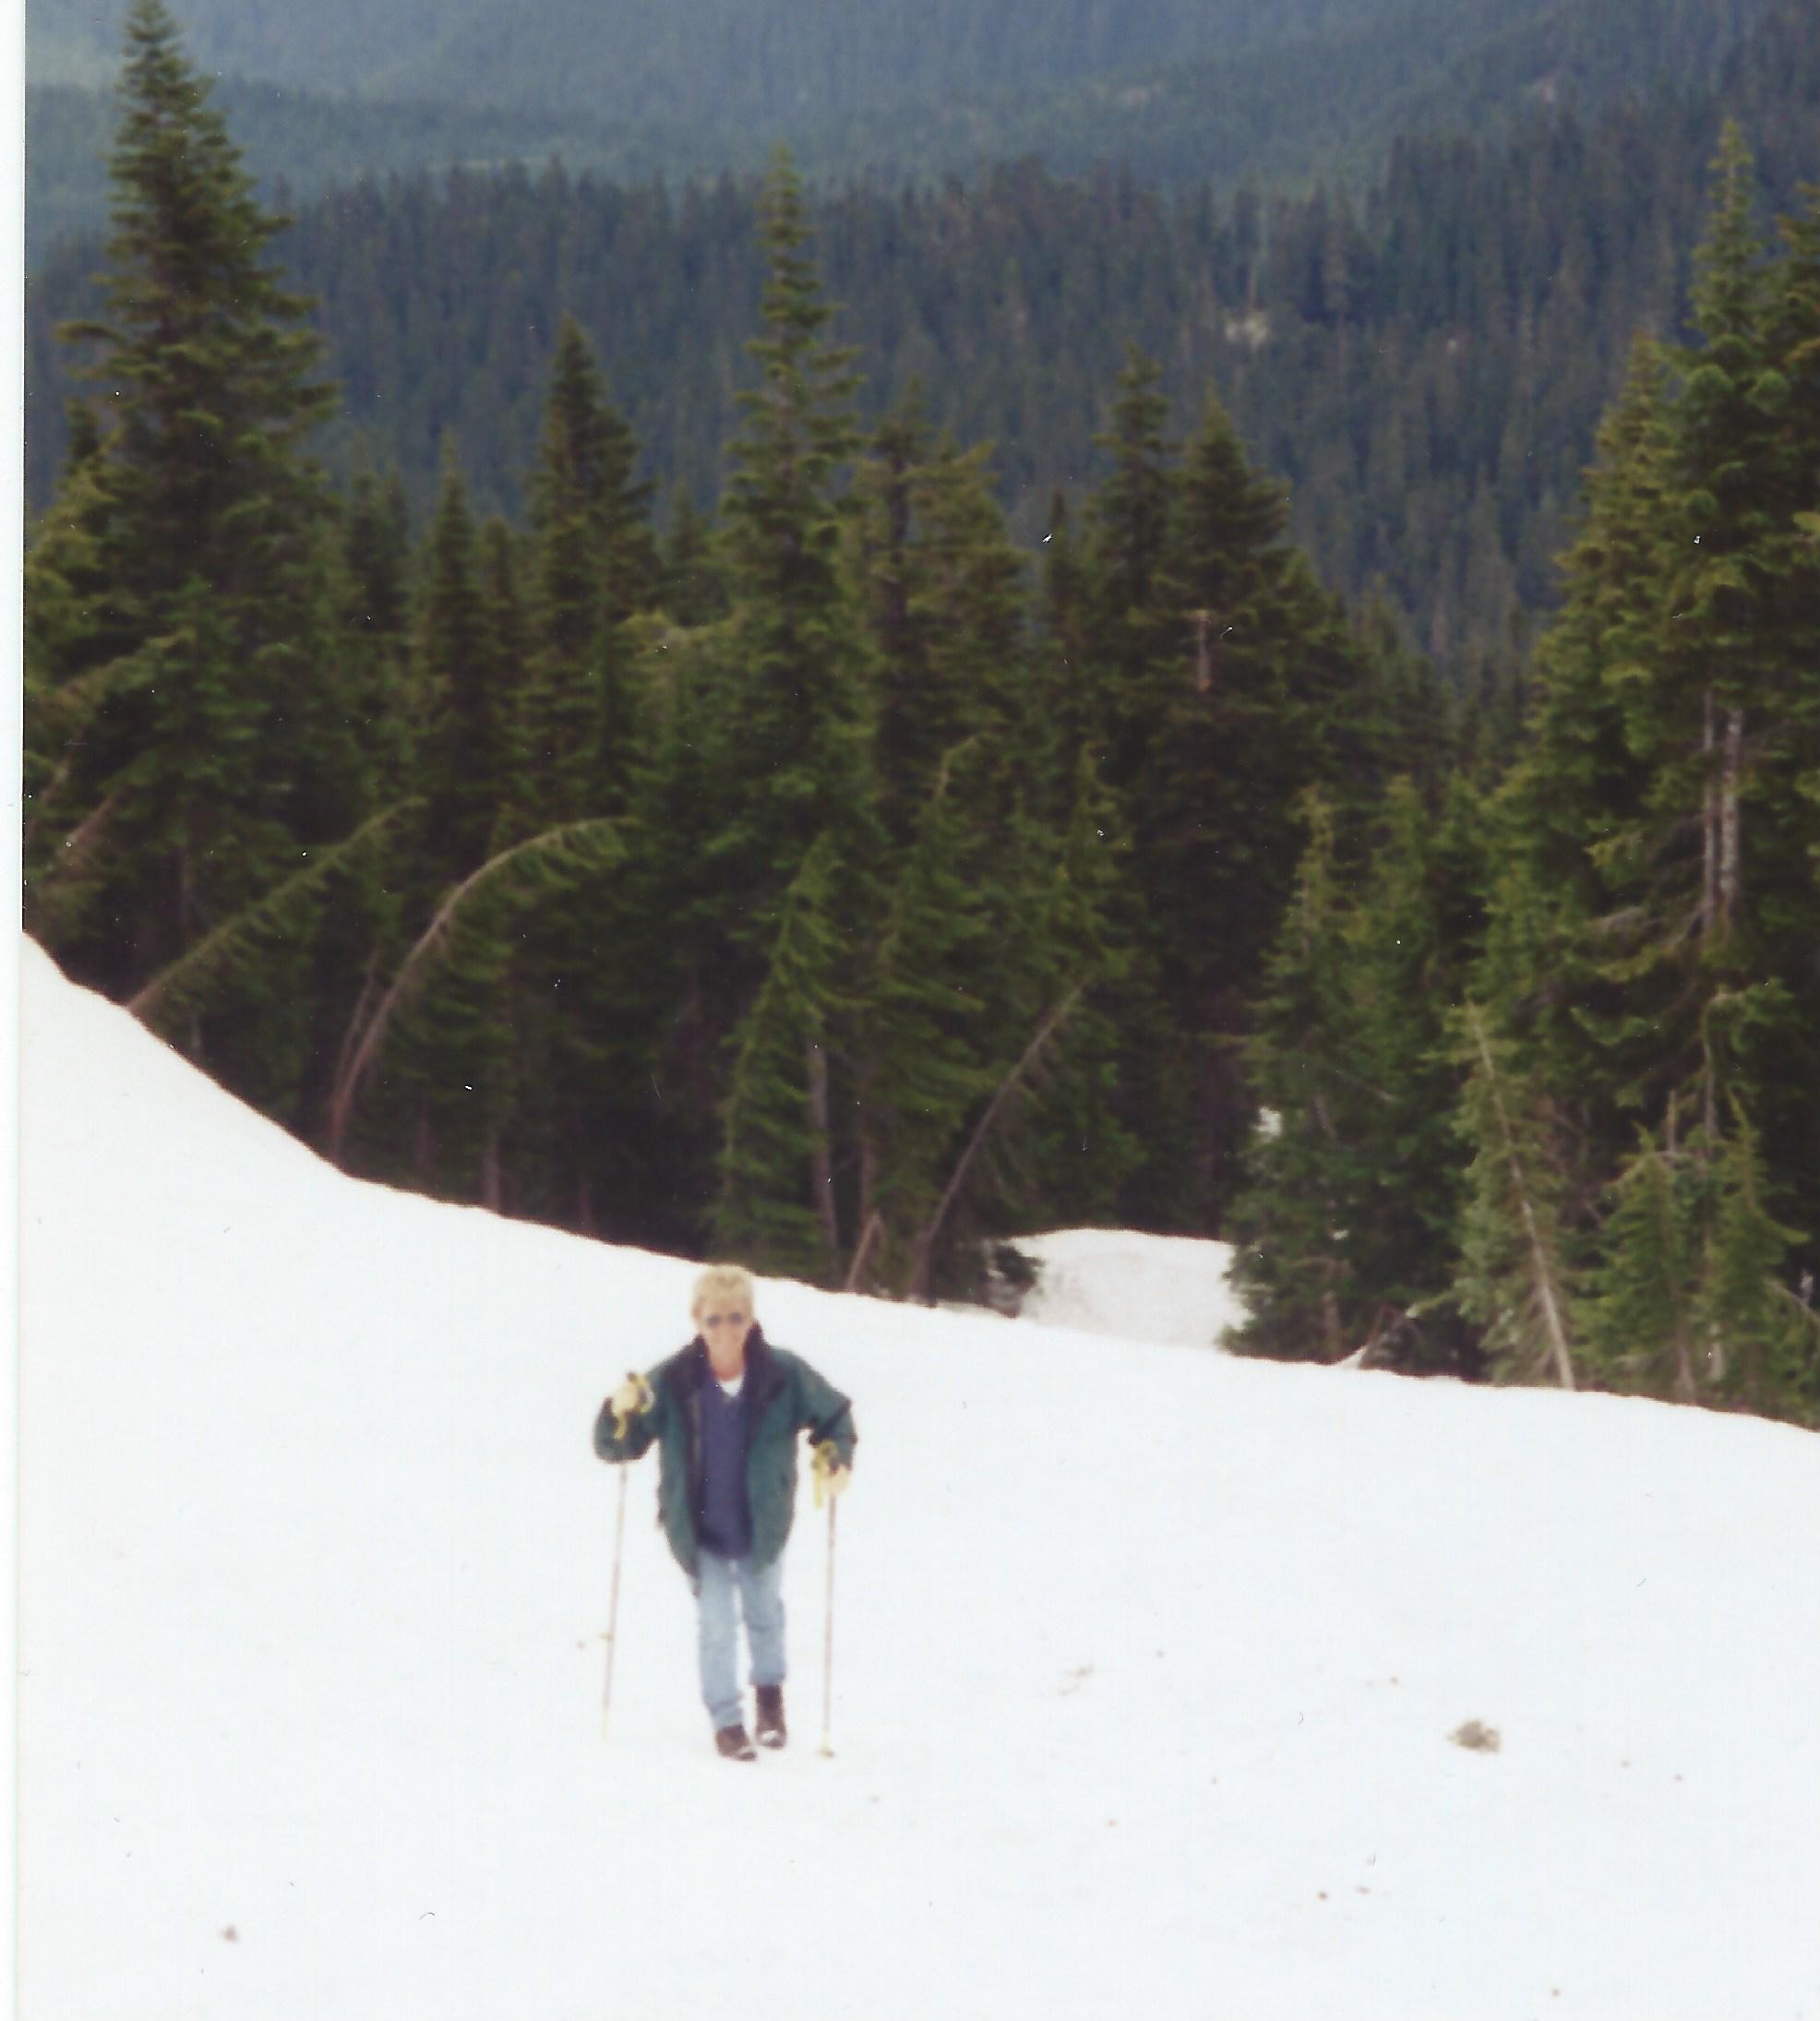 hiking Mount Rainier in July!